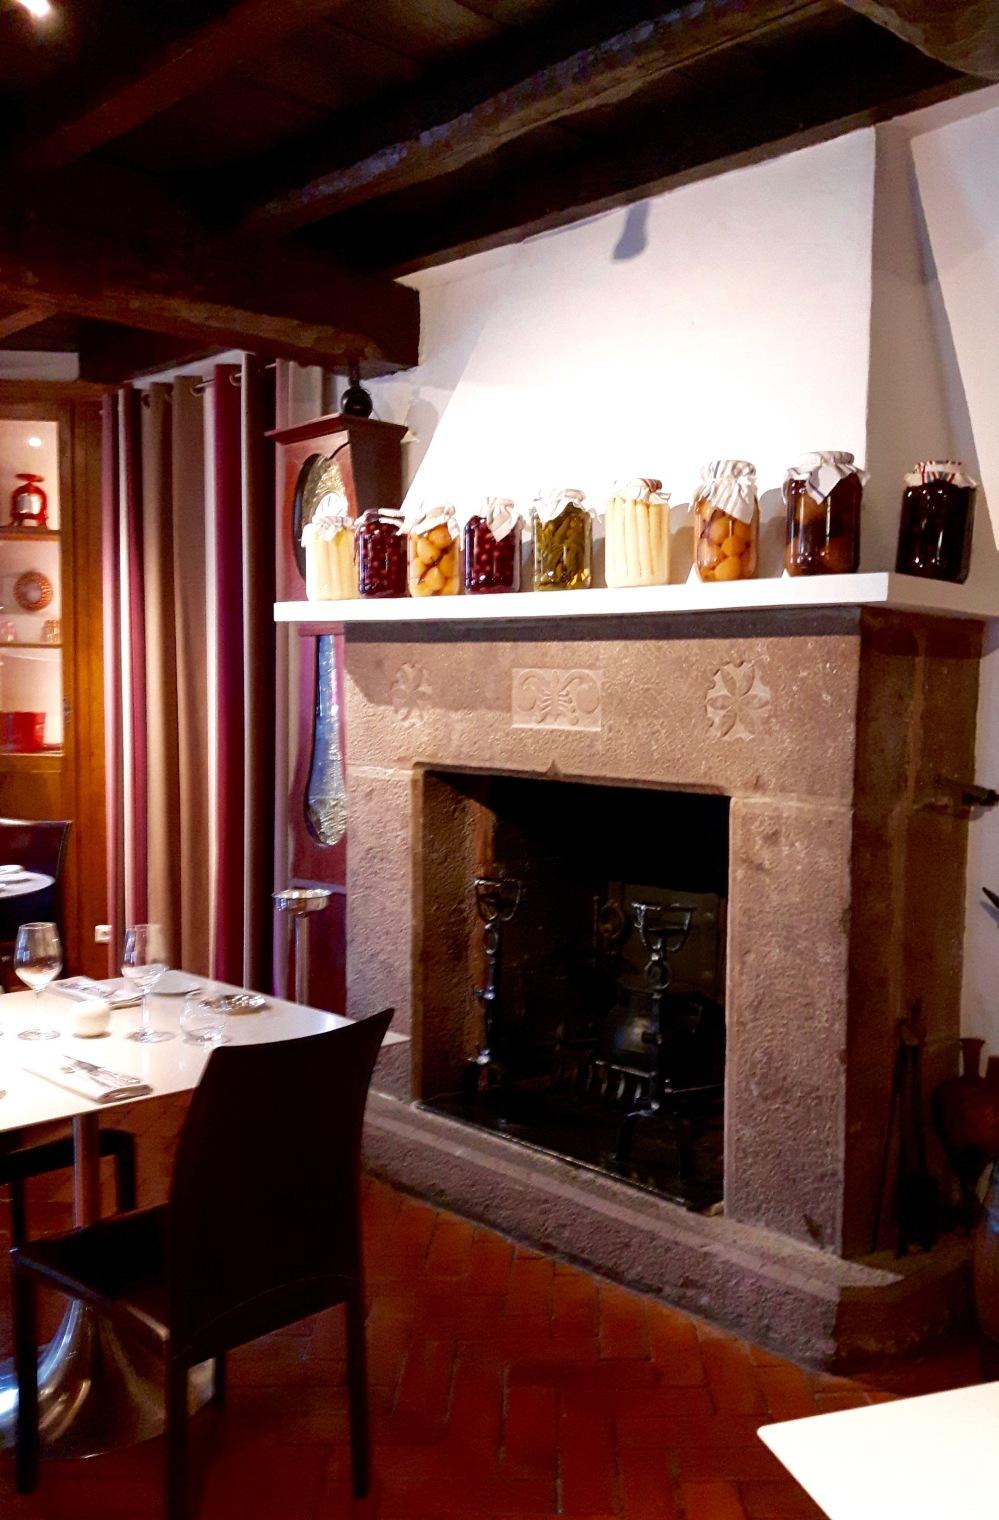 La cheminée du restaurant et sa collection d'Armagnacs et Bas-Armagnacs.